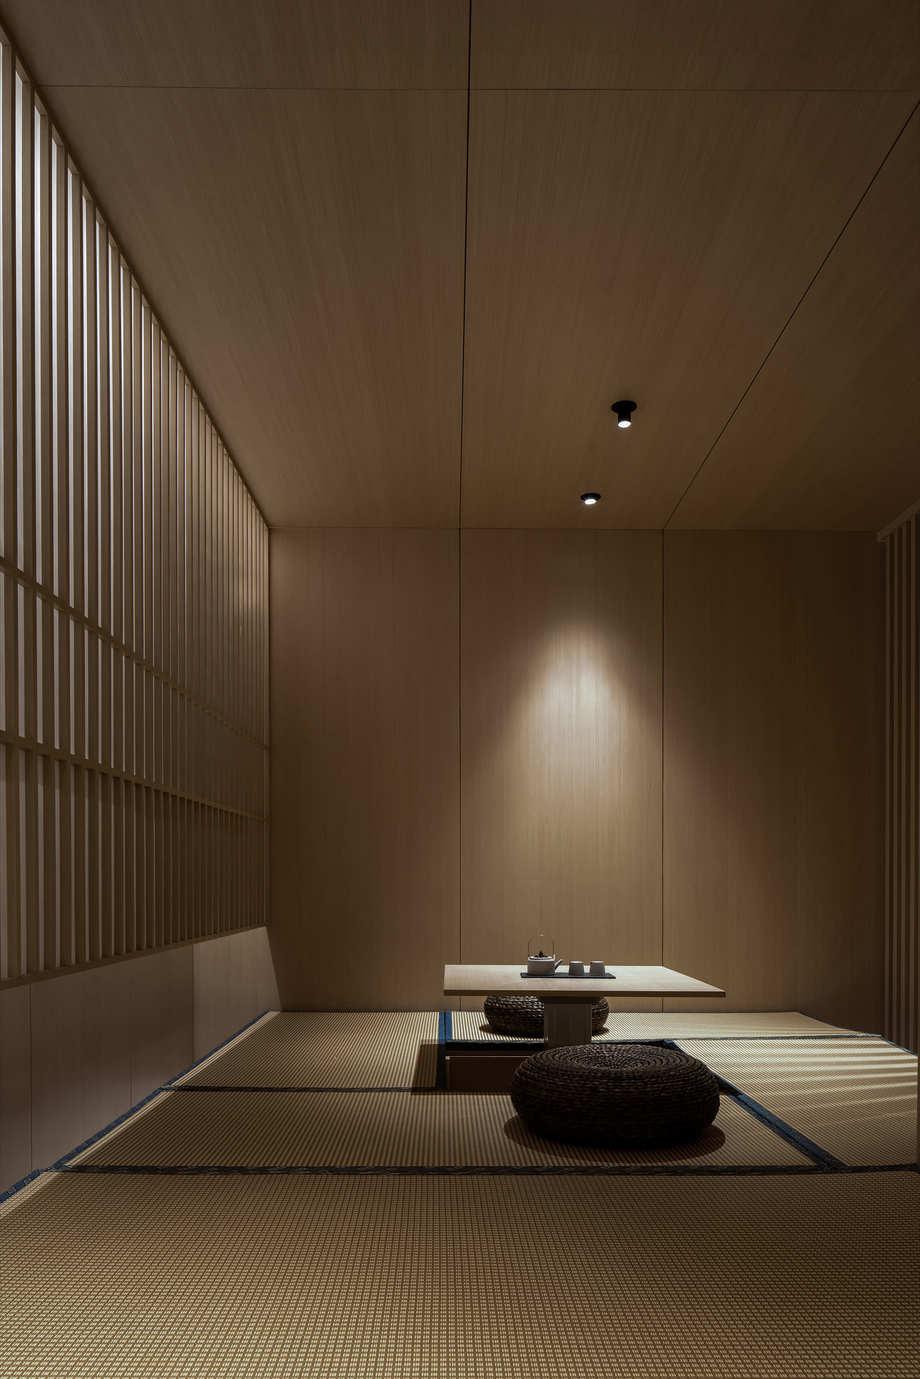 showroom de jst architecture (24) - foto he chuan